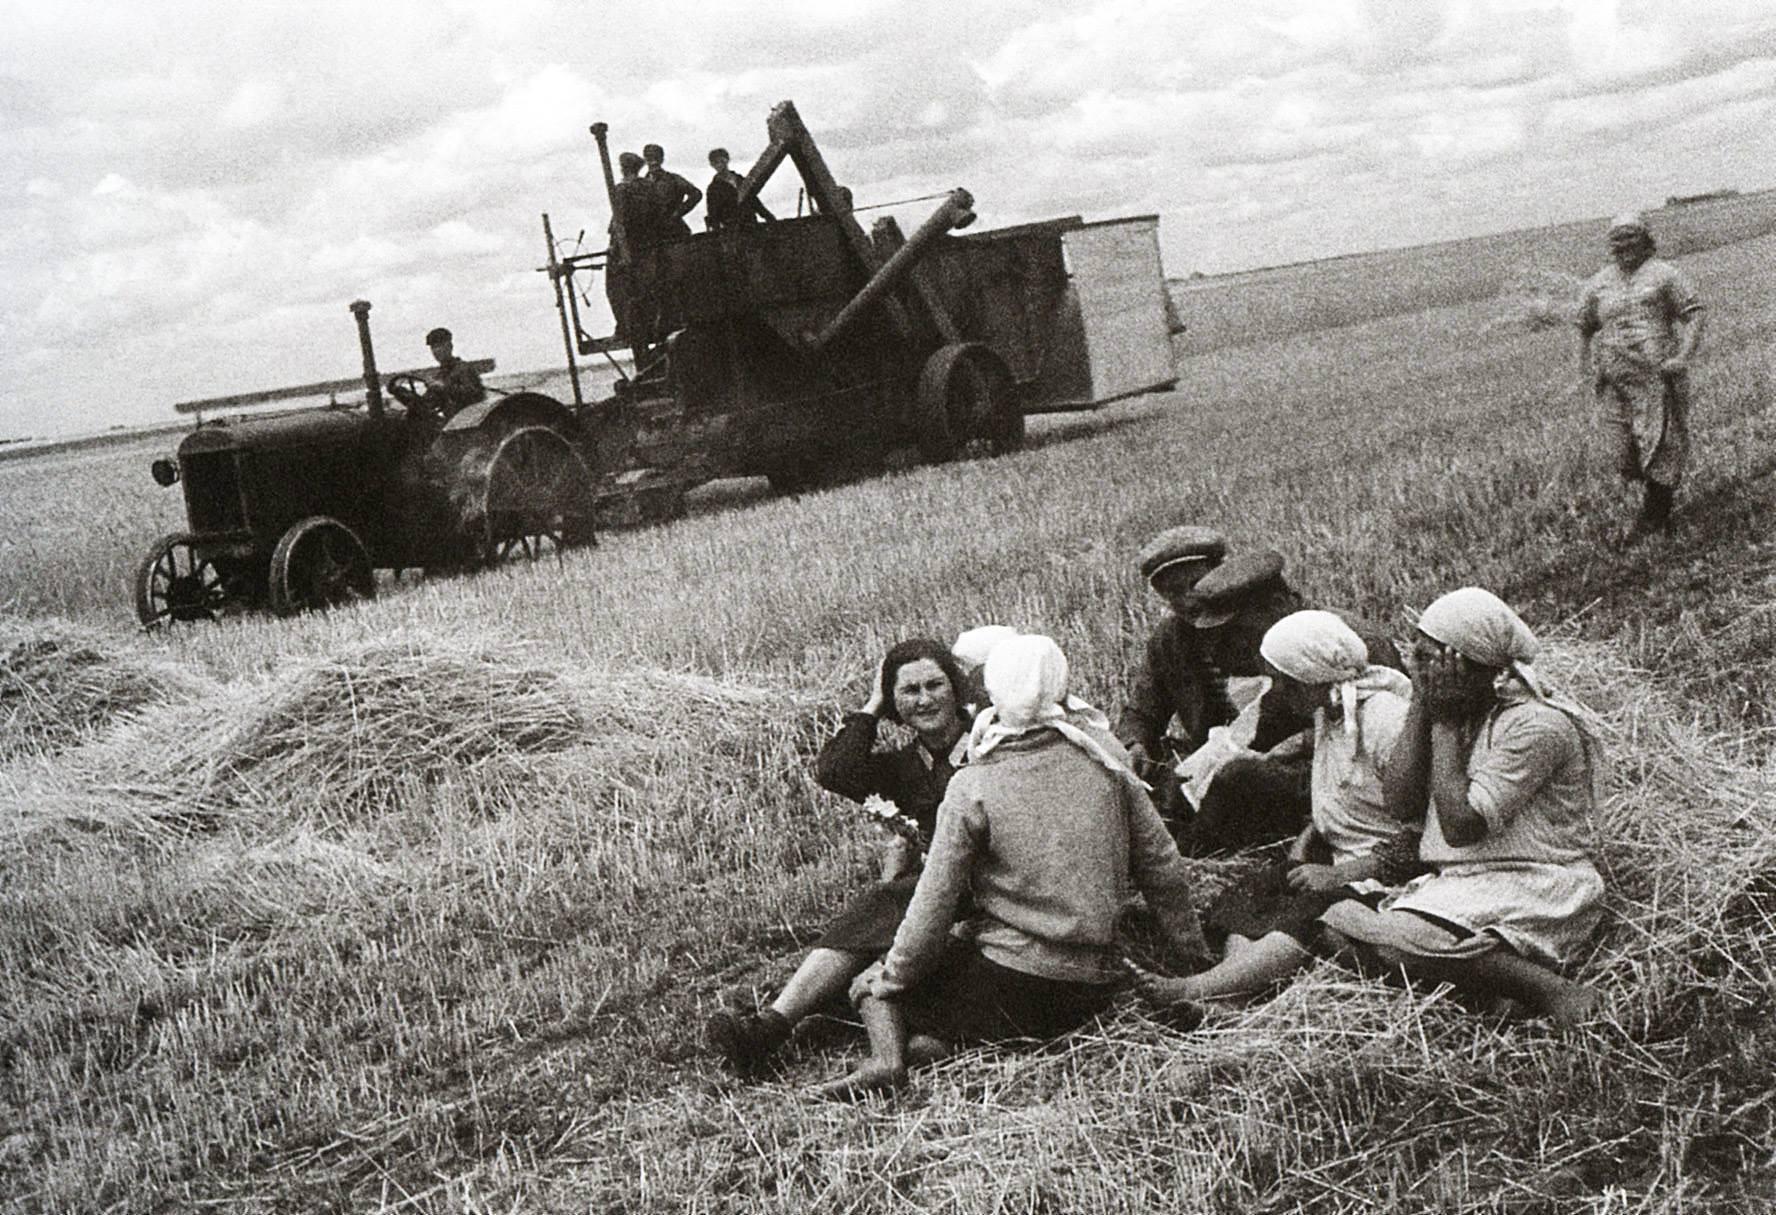 До 1974 года жители сел в СССР не имели права на паспорт